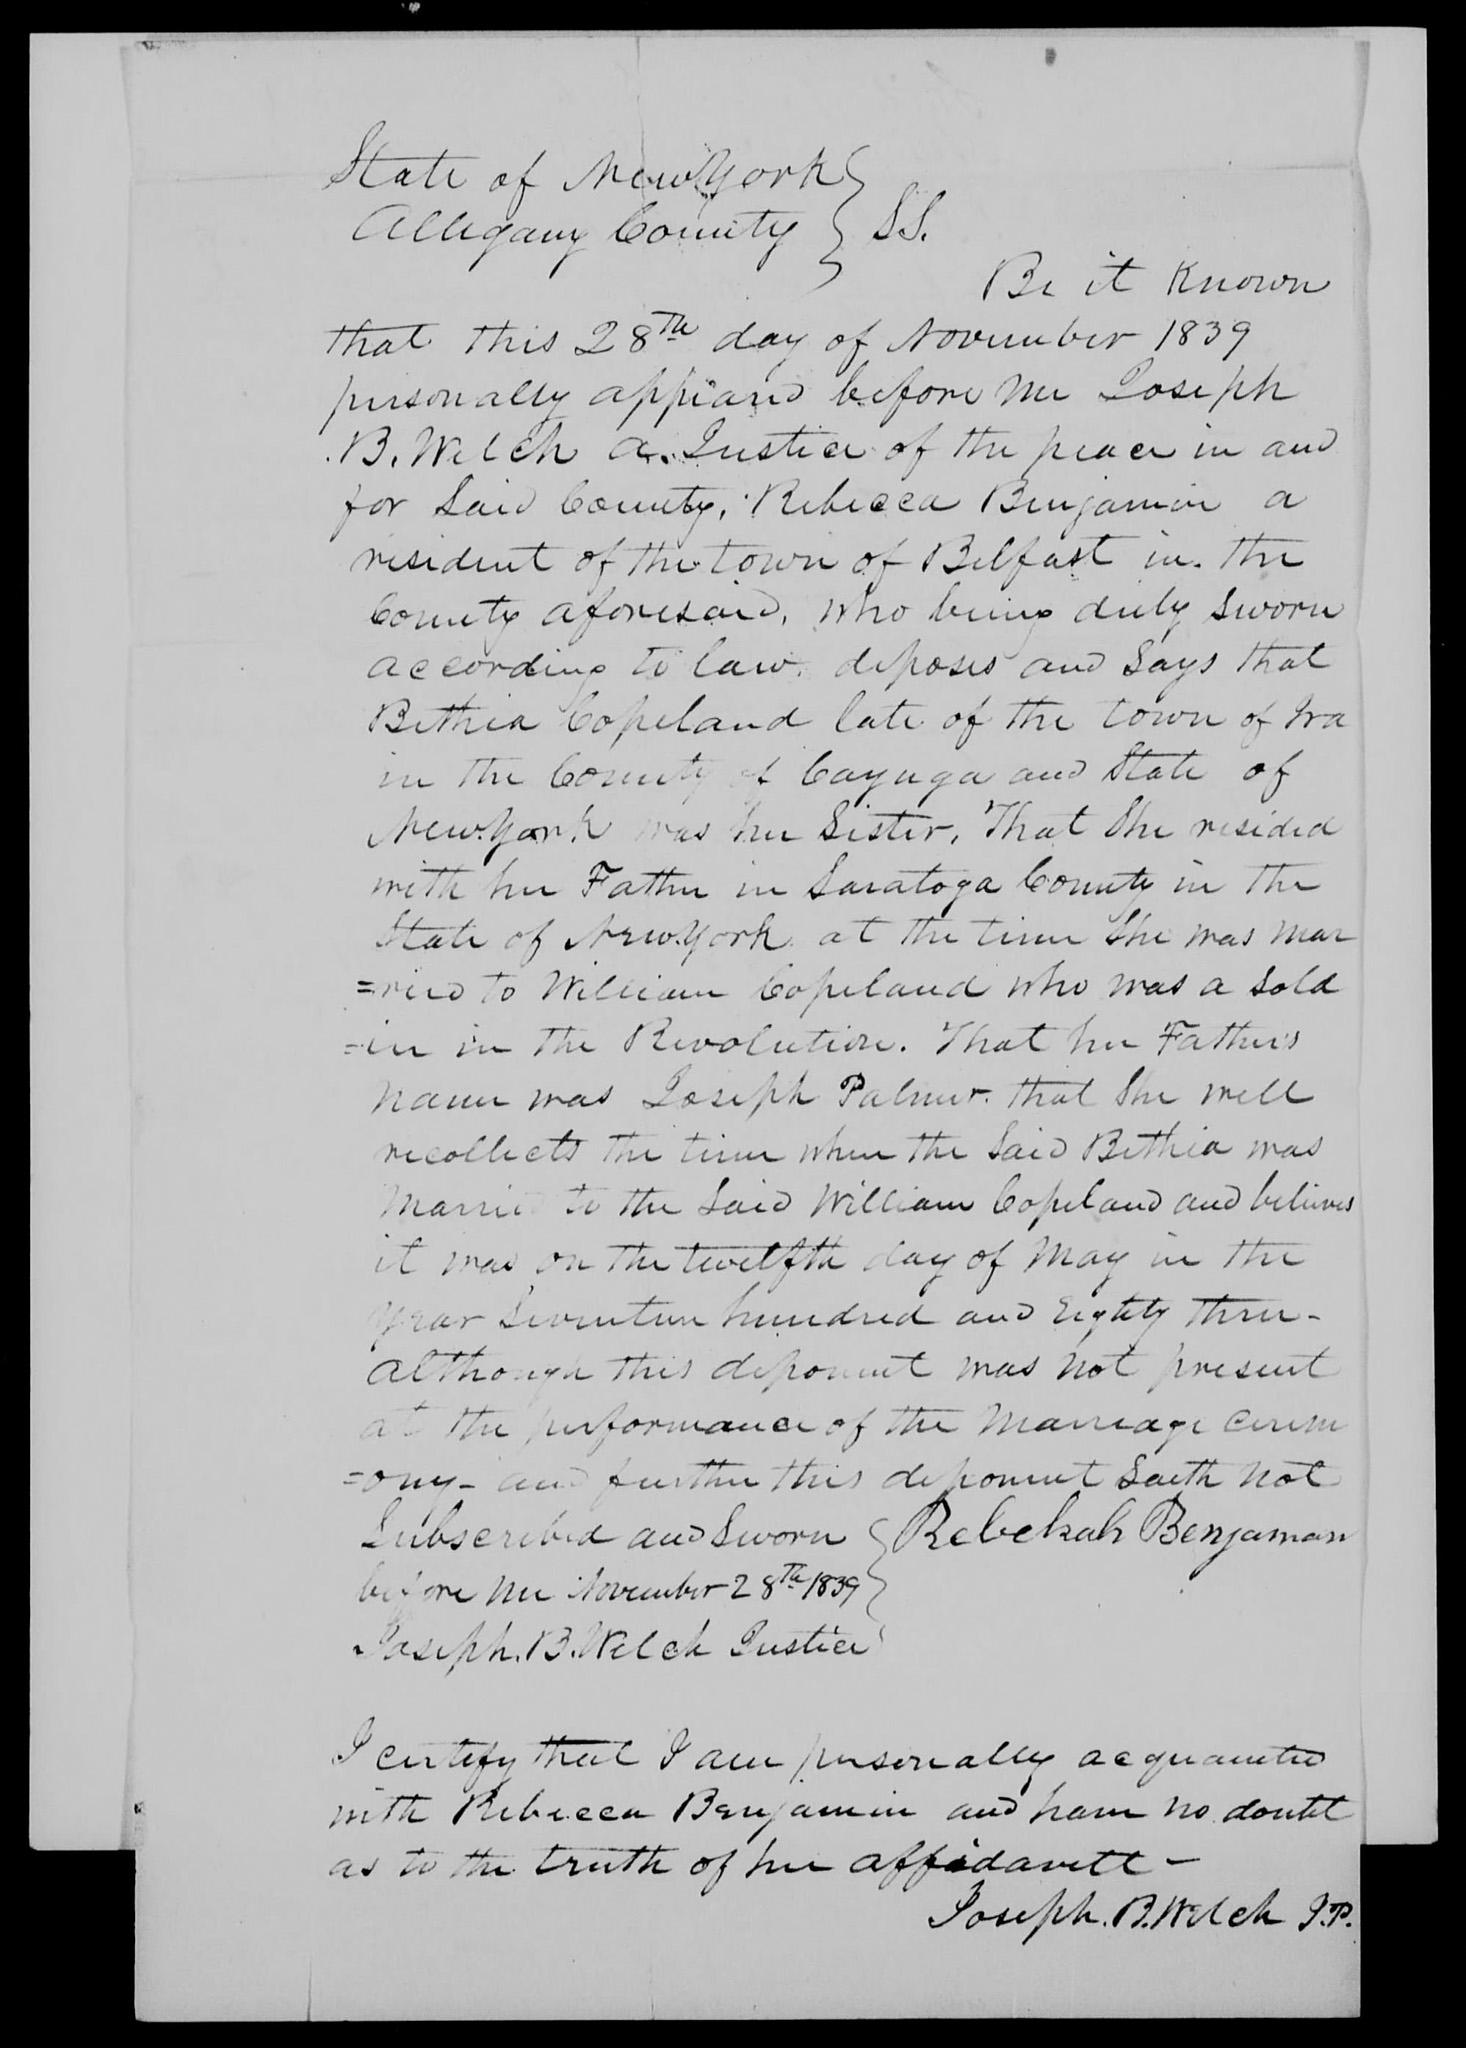 Rebekah Benjamin affidavit on 28 Nov 1839